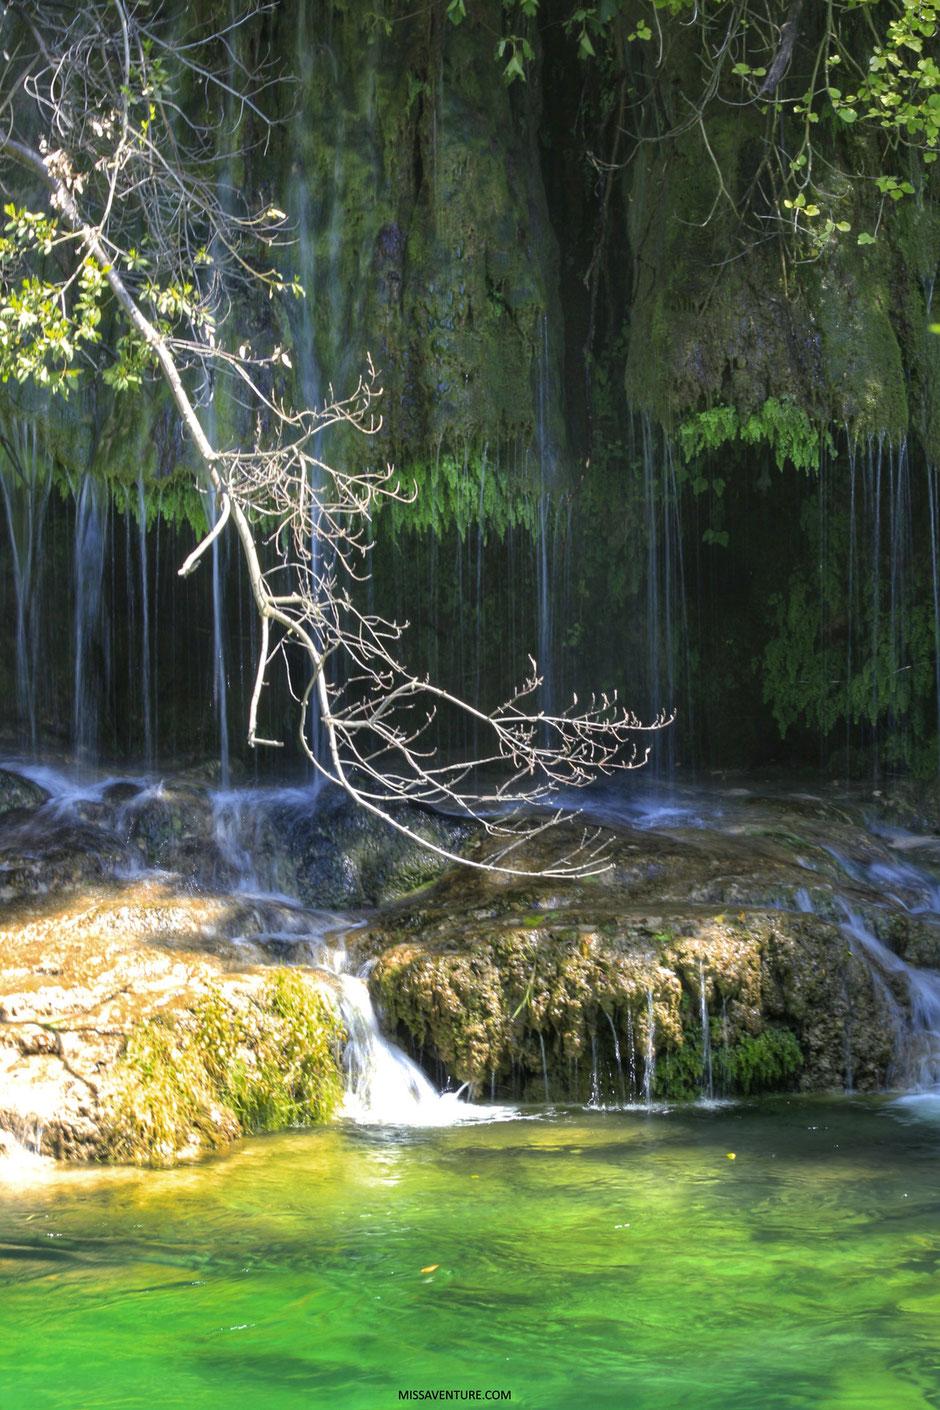 Cascade de Tuf, gorges de la Siagne, ESTEREL (FRANCE). www.missaventure.com blog d'aventures, nature et reflexions green.